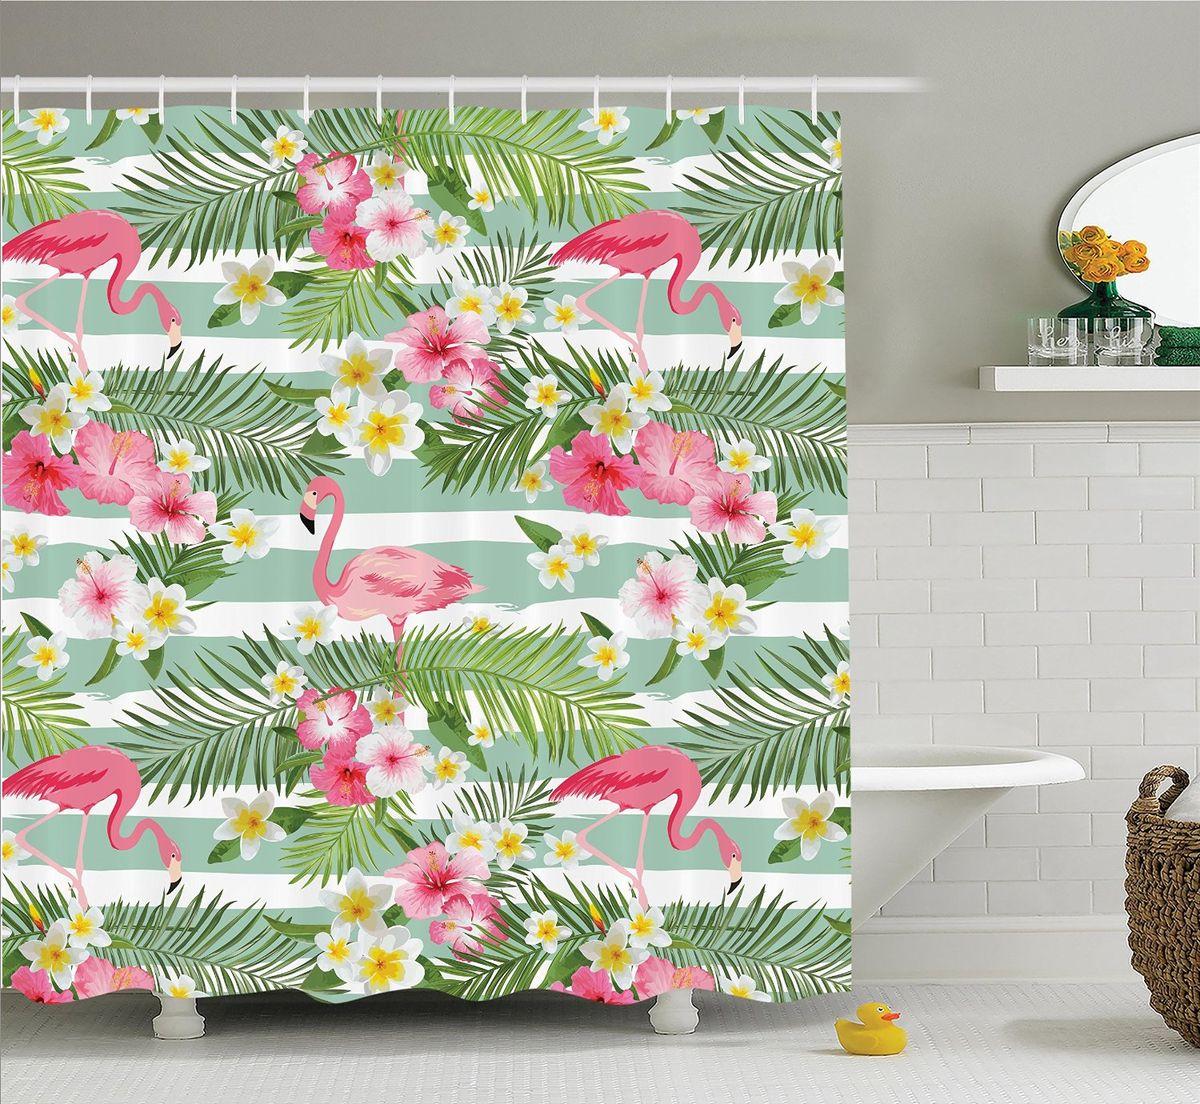 Штора для ванной комнаты Magic Lady Фламинго среди листьев и цветов, 180 х 200 смшв_12357Штора Magic Lady Фламинго среди листьев и цветов, изготовленная из высококачественного сатена (полиэстер 100%), отлично дополнит любой интерьер ванной комнаты. При изготовлении используются специальные гипоаллергенные чернила для прямой печати по ткани, безопасные для человека.В комплекте: 1 штора, 12 крючков. Обращаем ваше внимание, фактический цвет изделия может незначительно отличаться от представленного на фото.